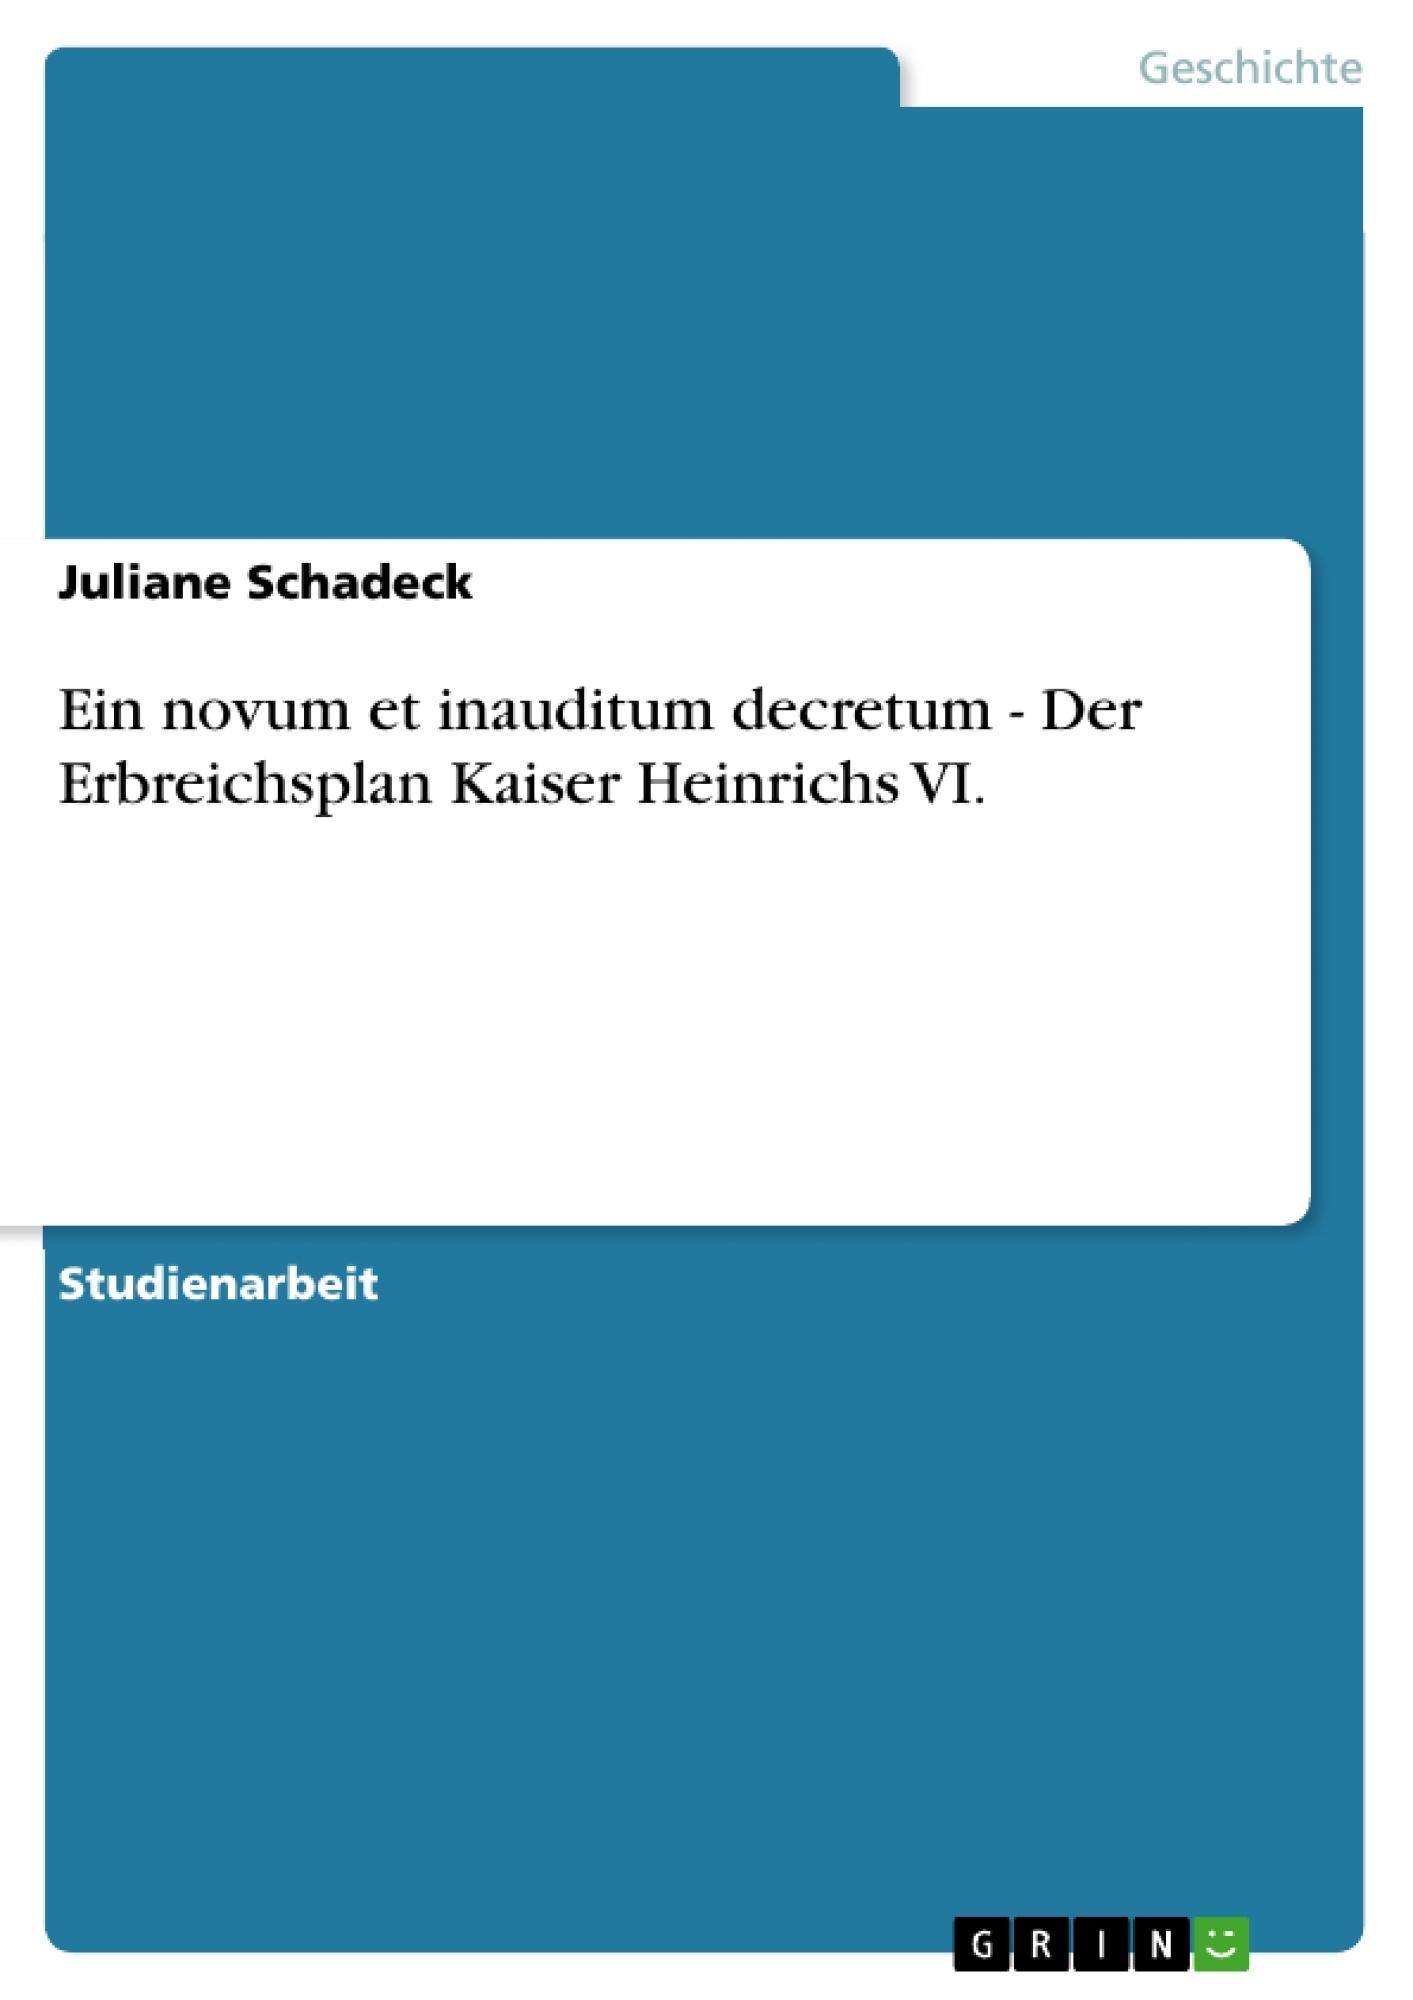 Titel: Ein novum et inauditum decretum - Der Erbreichsplan Kaiser Heinrichs VI.